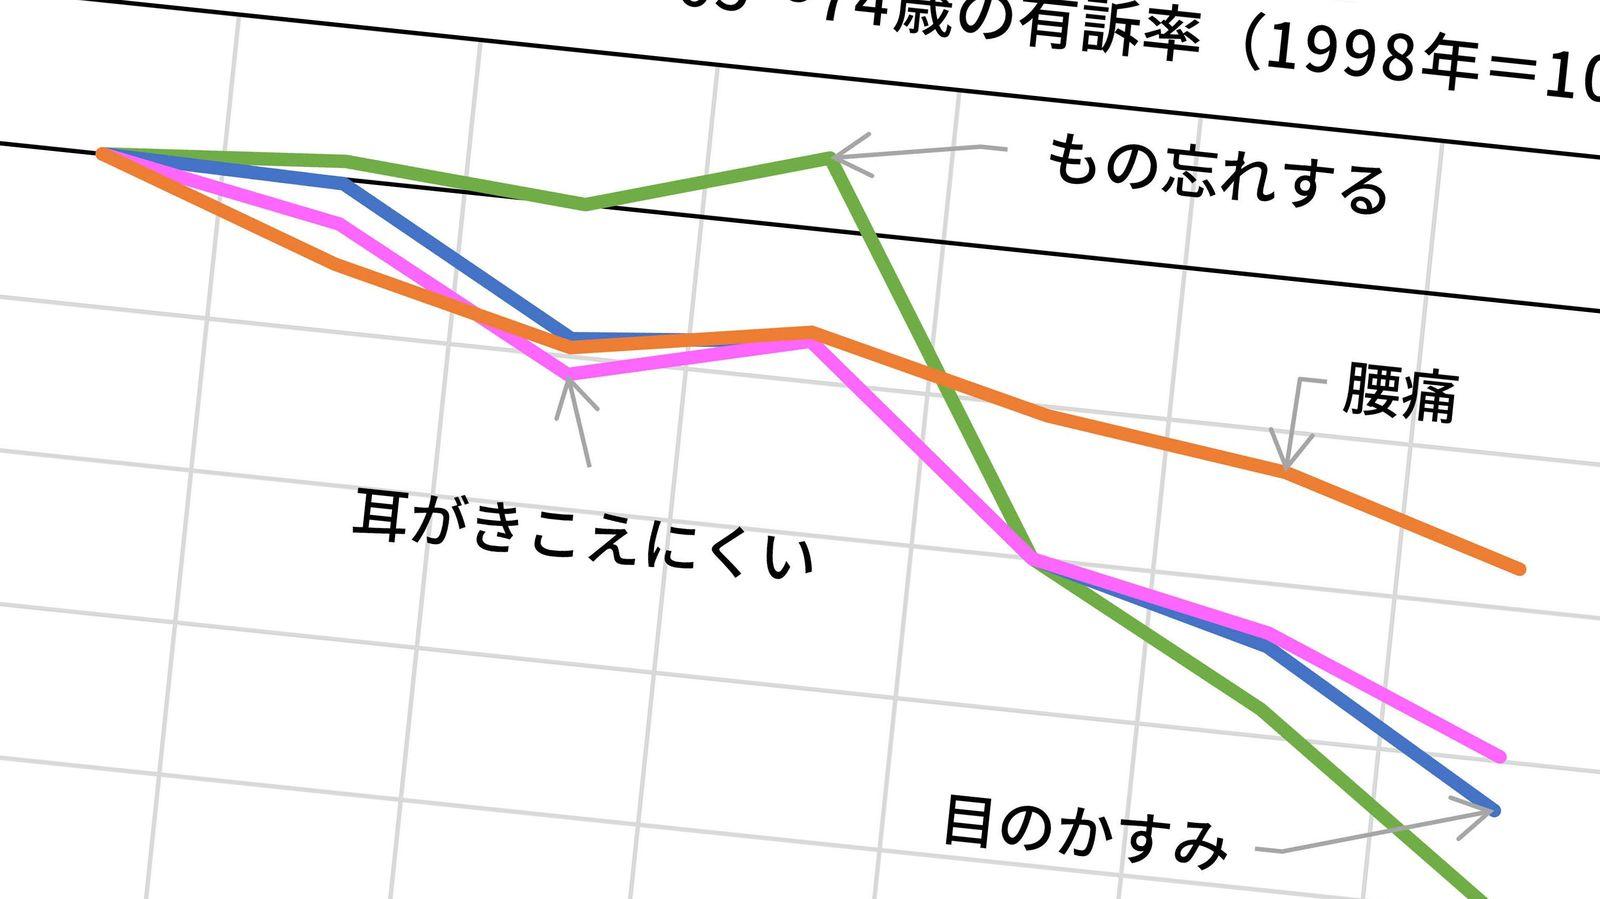 日本の高齢者は20年前より10歳は若返っている 75歳の知力体力は20年前の65歳並み